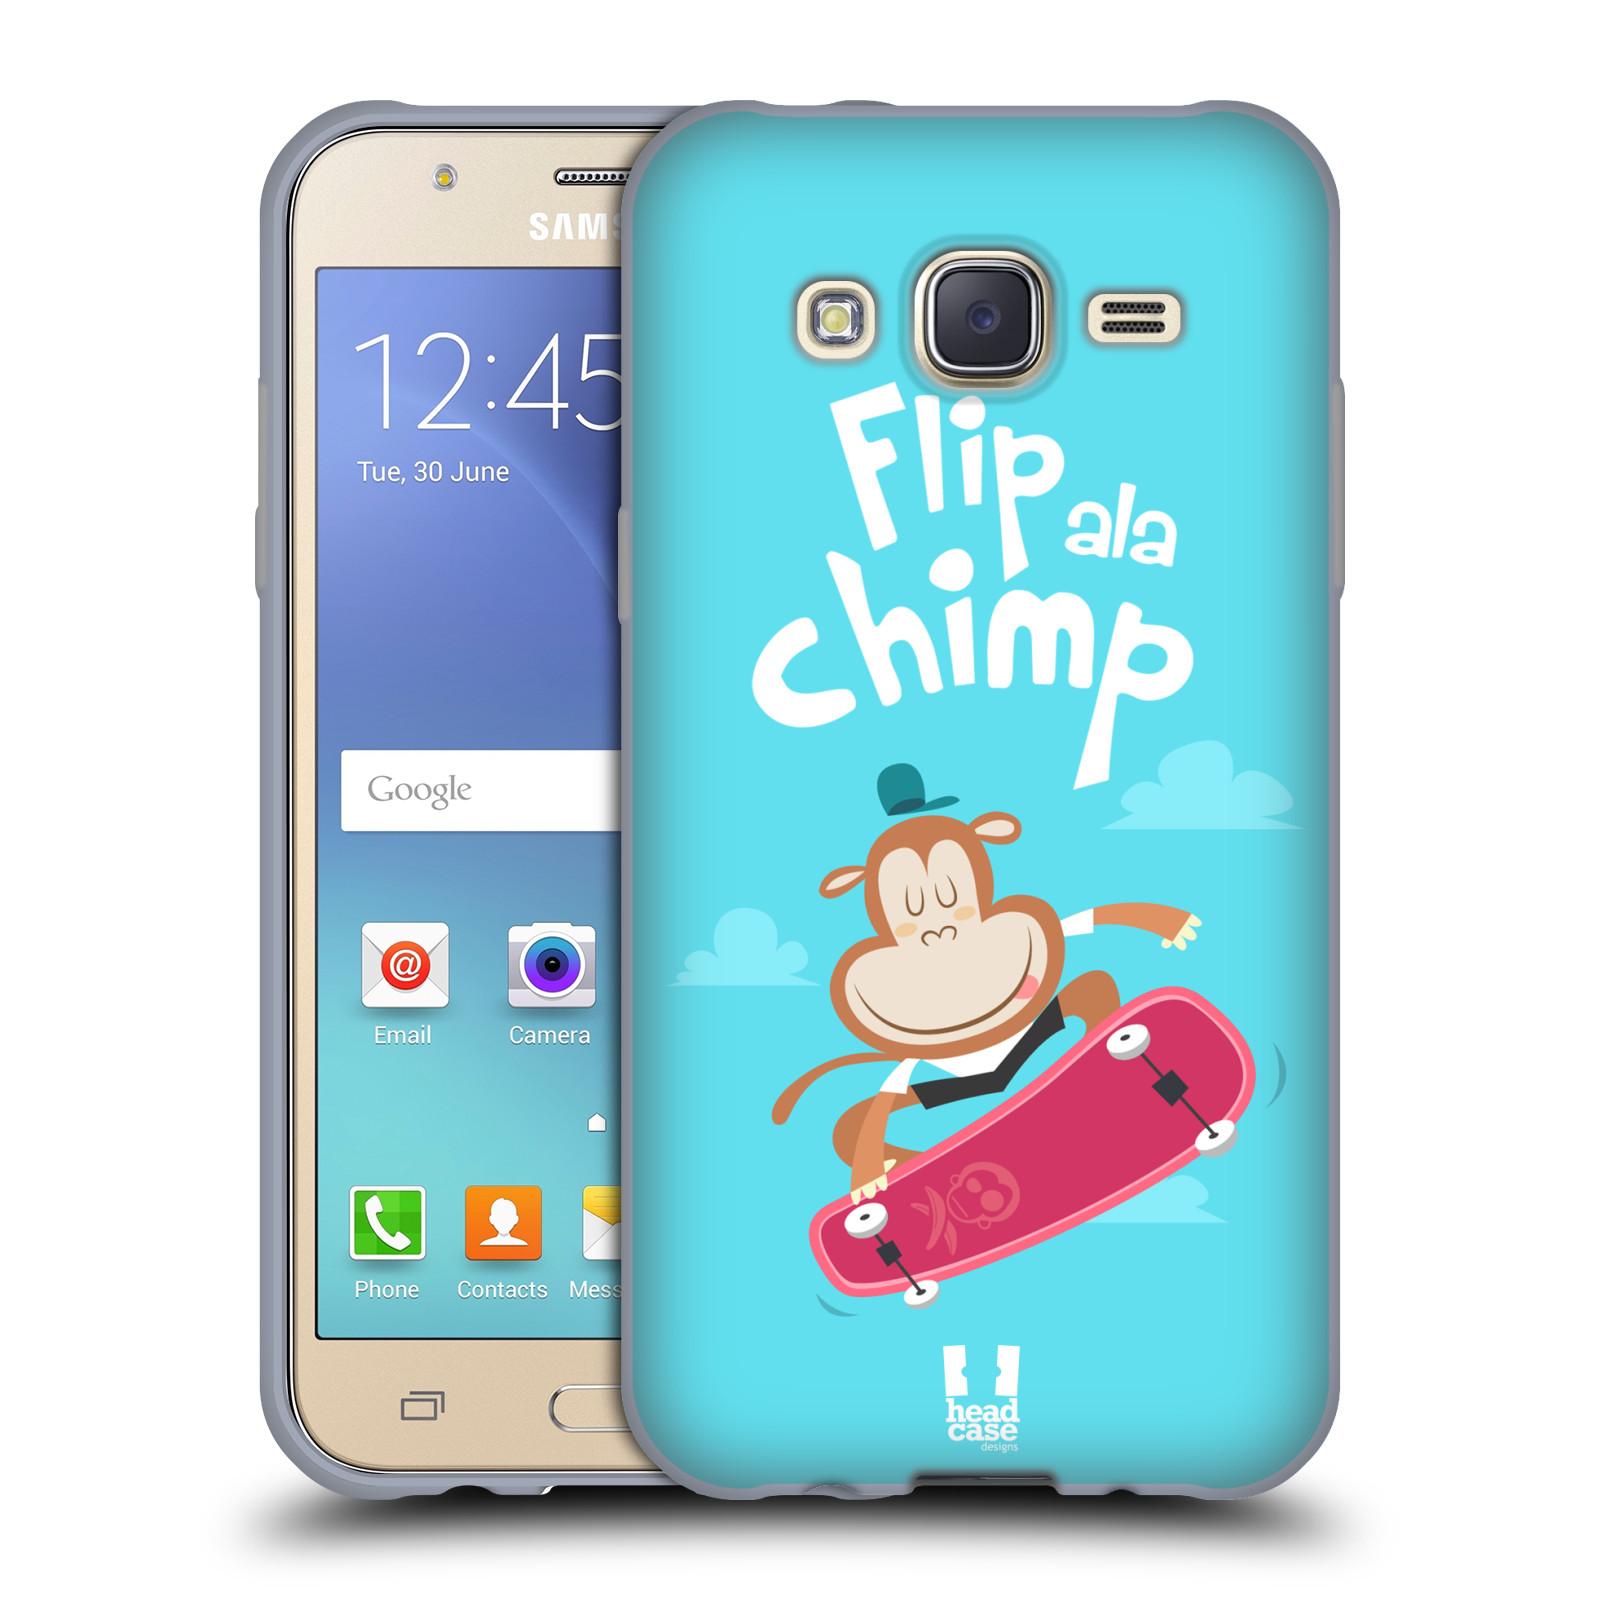 HEAD CASE silikonový obal na mobil Samsung Galaxy J5, J500, (J5 DUOS) vzor Zvířátka atleti opice